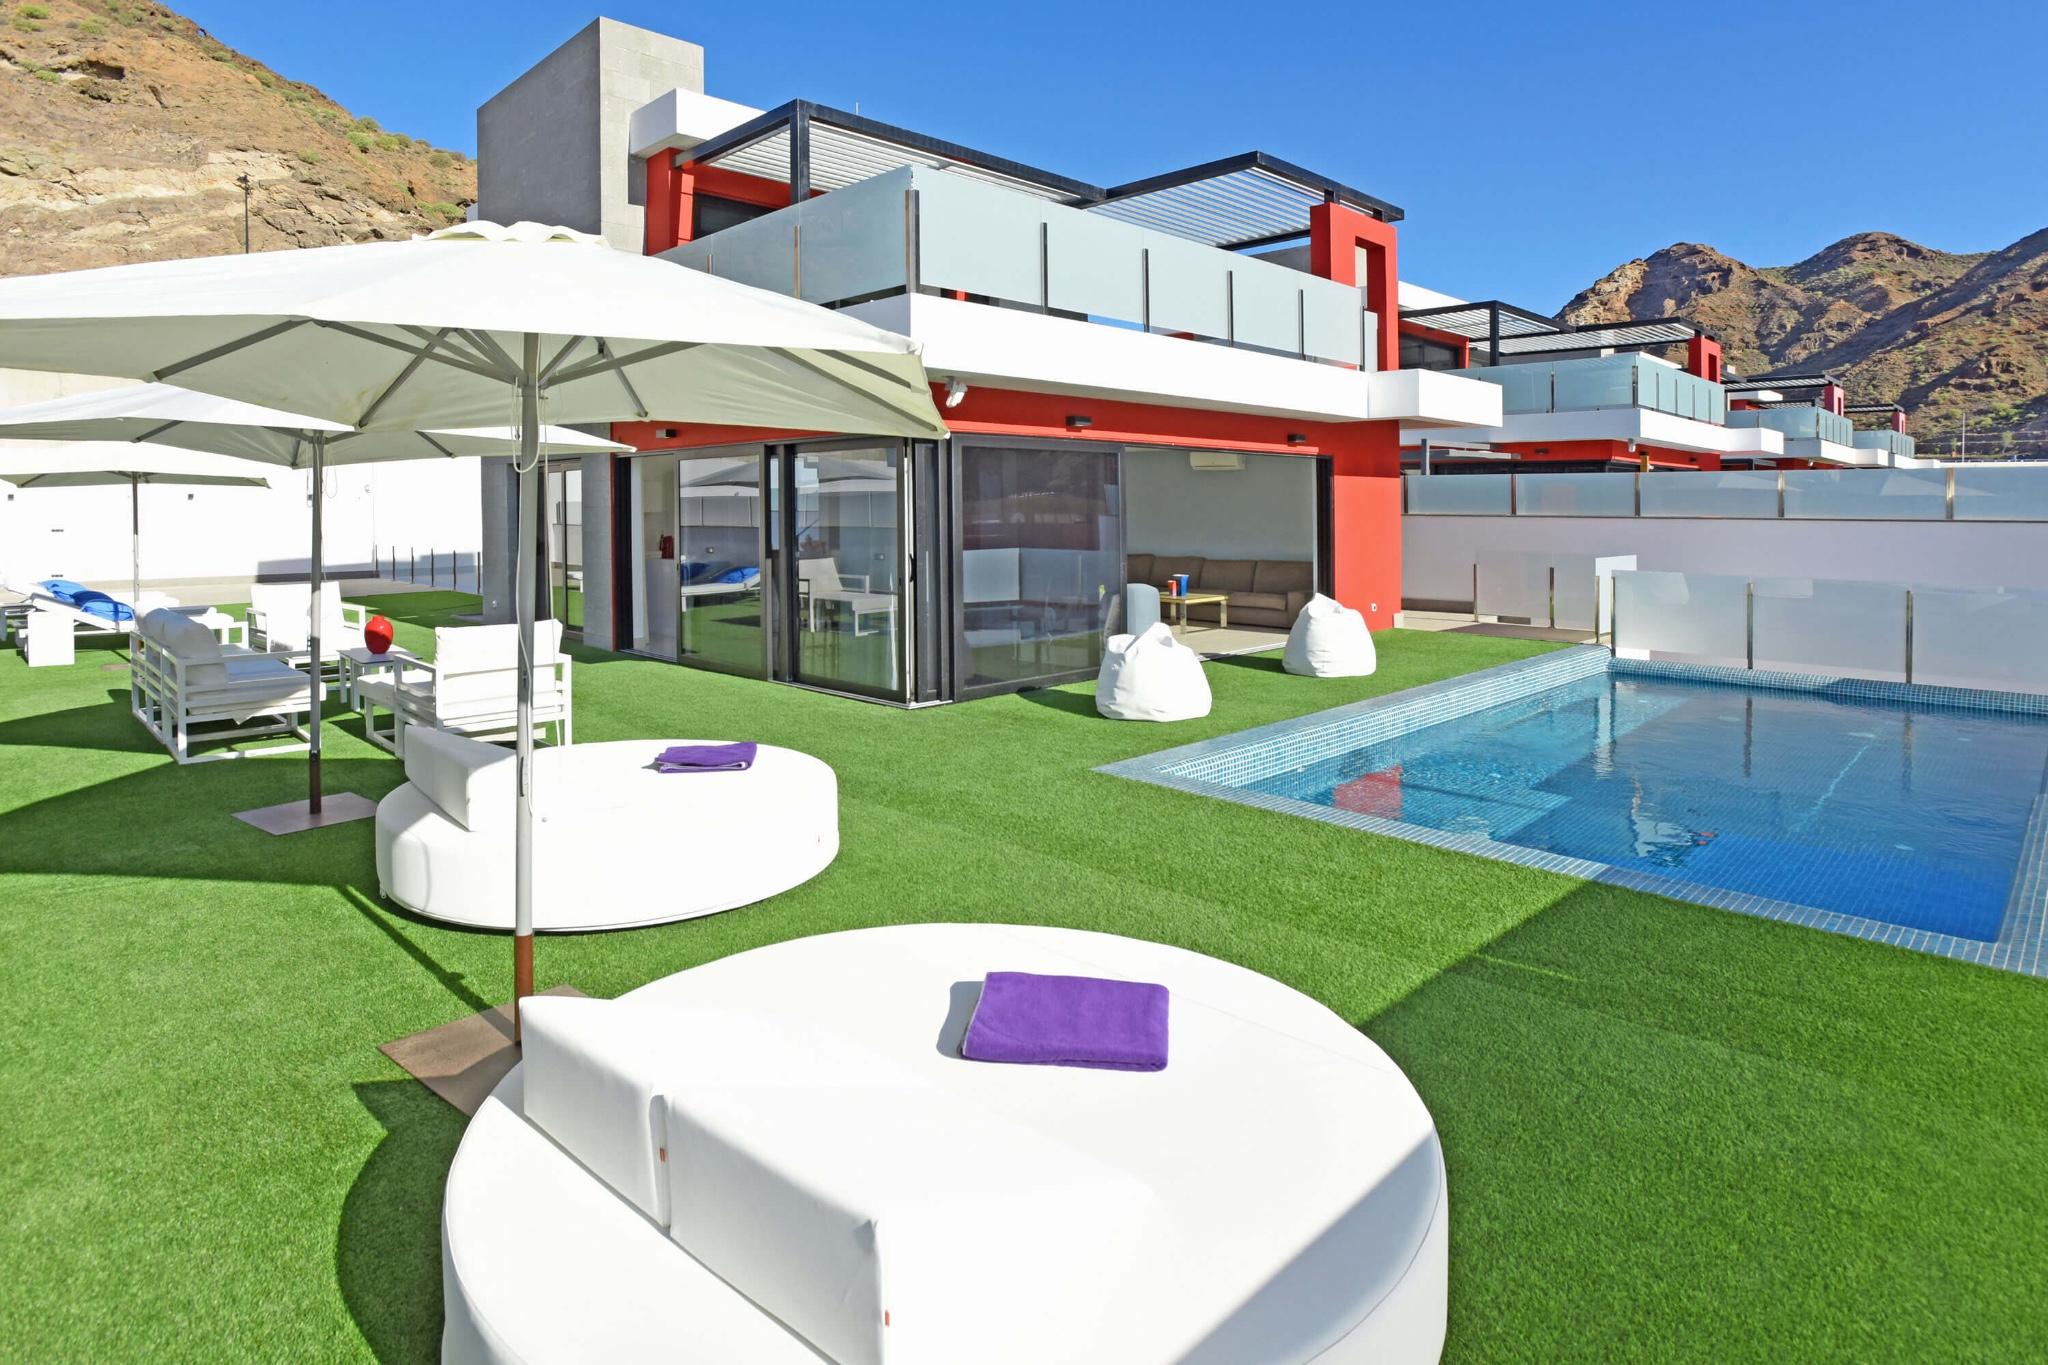 Mycket modern rymlig villa för 10 personer i södra Gran Canaria, har den stora uteserveringen en privat pool